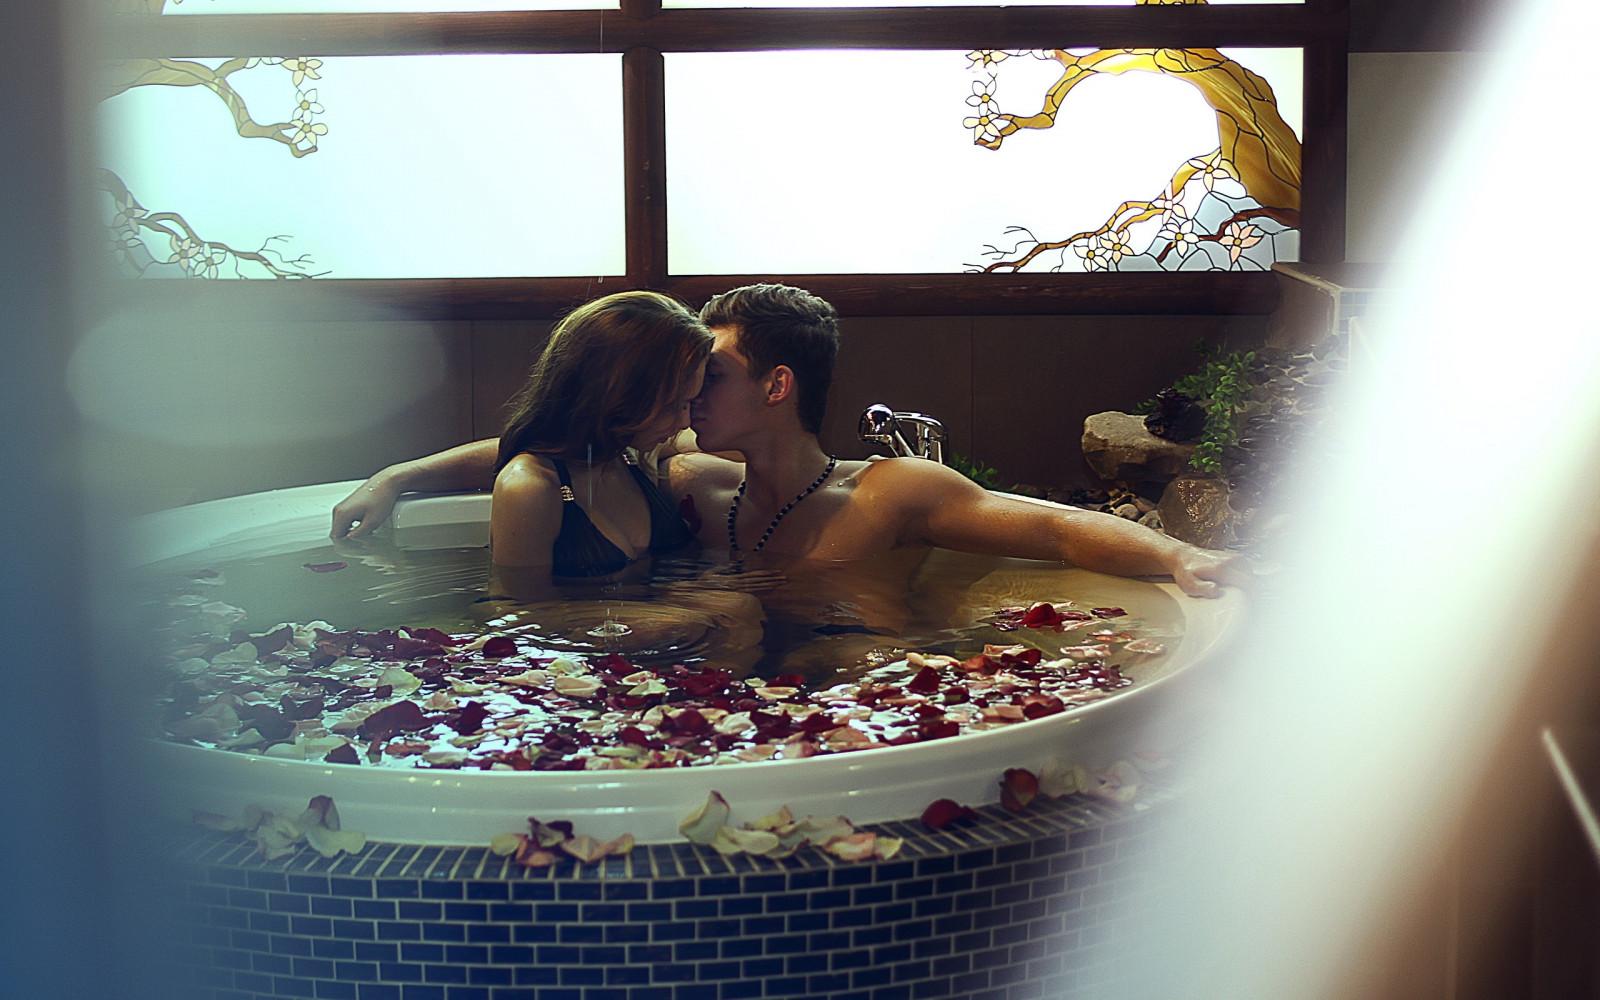 Романтика в бассейне, фото внезапный стояк у парней